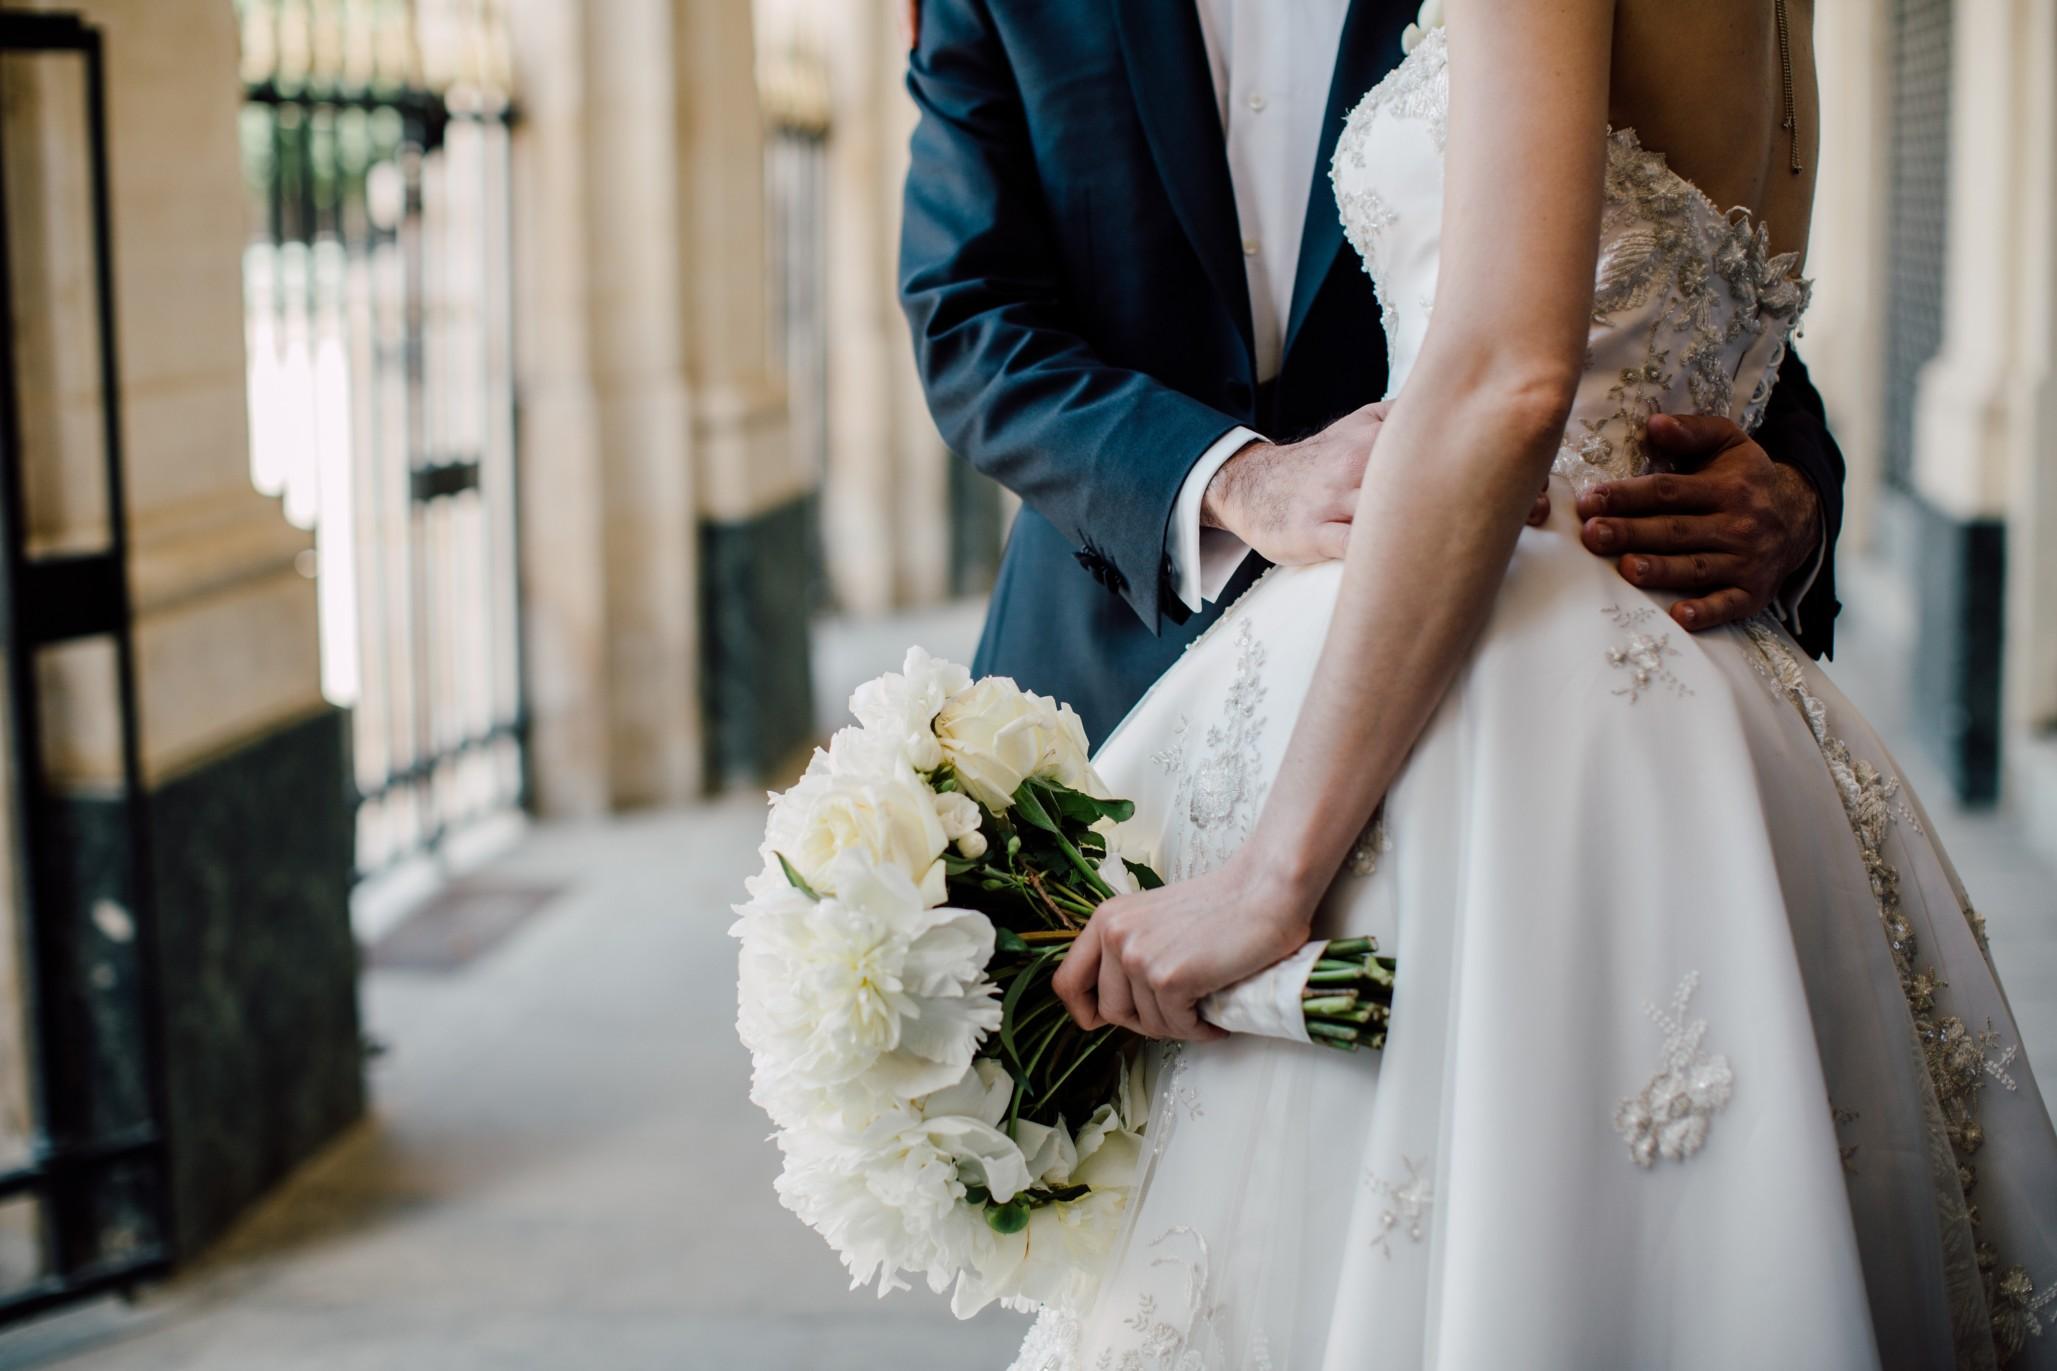 bride-and-groom_t20_eoJer2.jpg